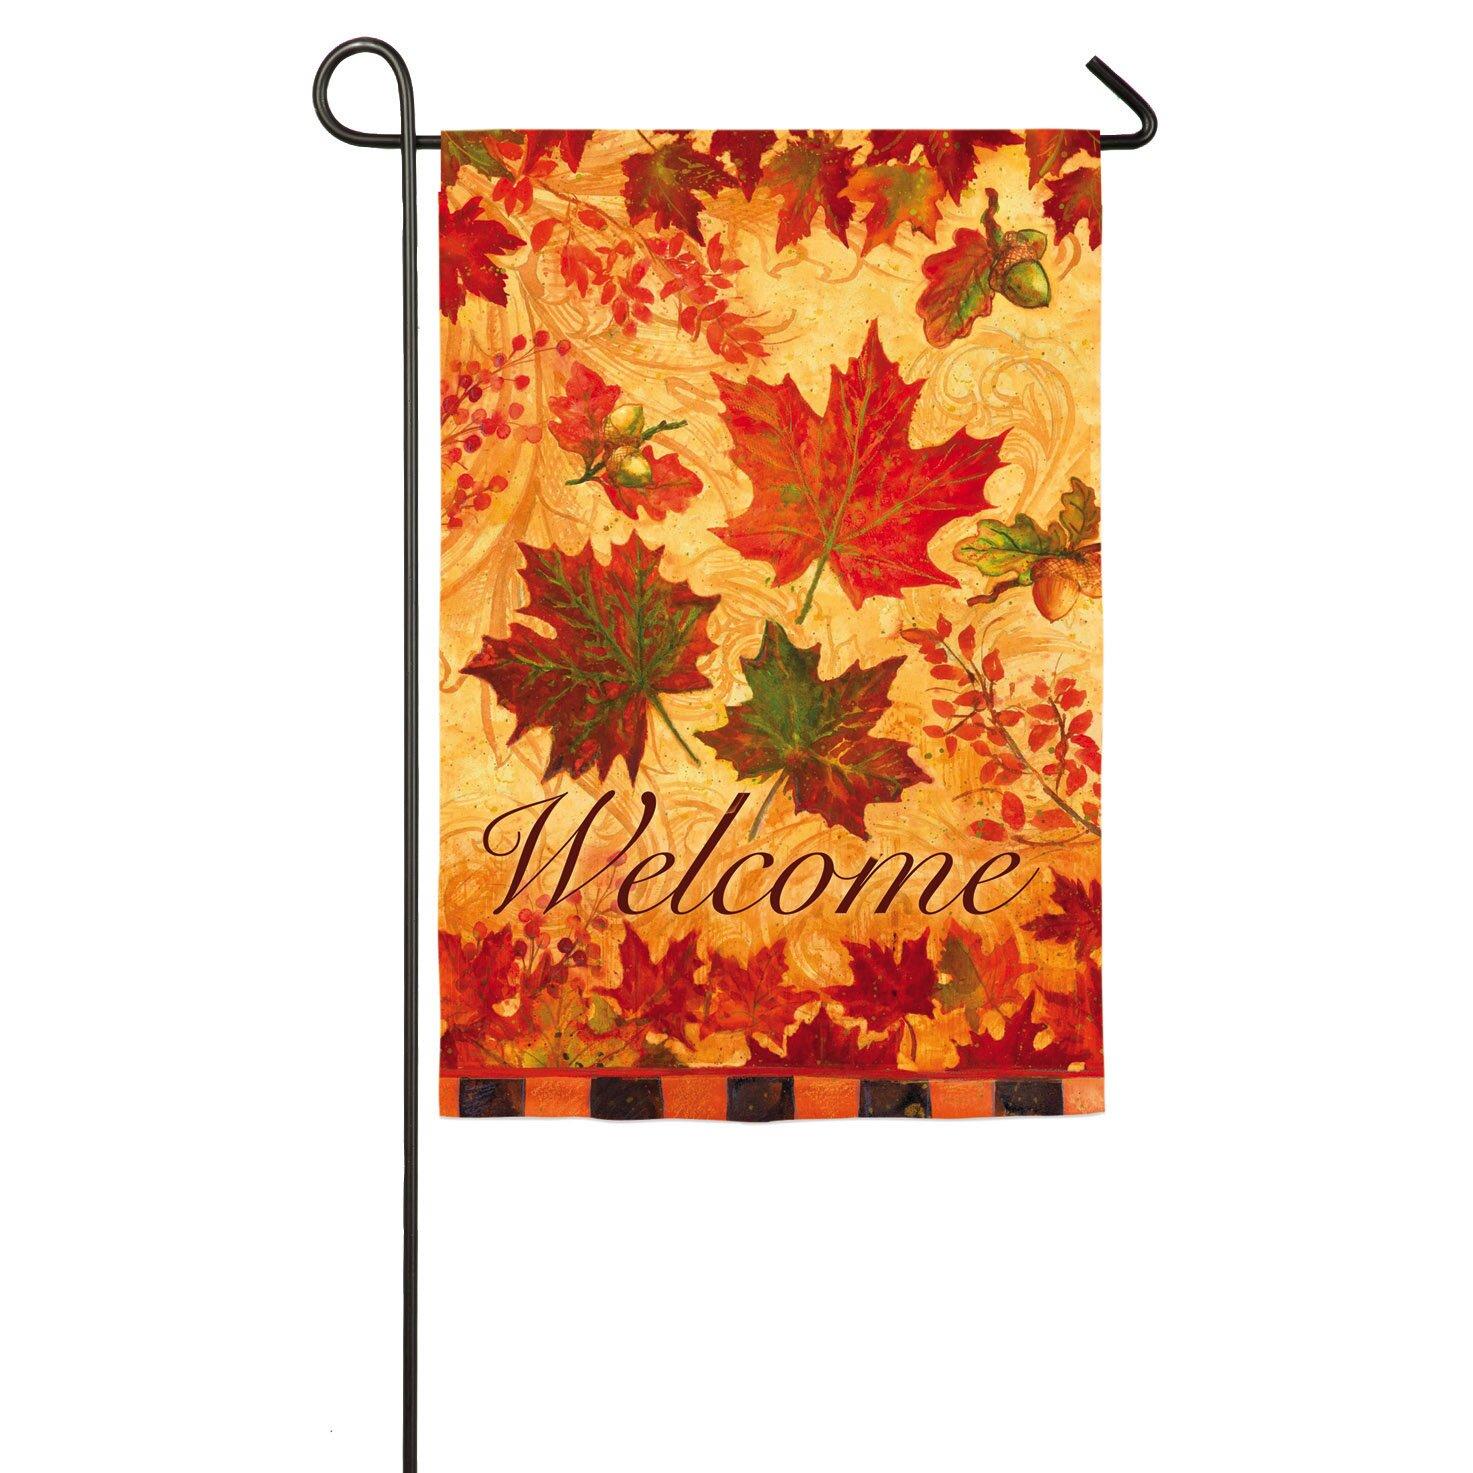 Evergreen Home Decor Evergreen Flag Garden Fall Leaves